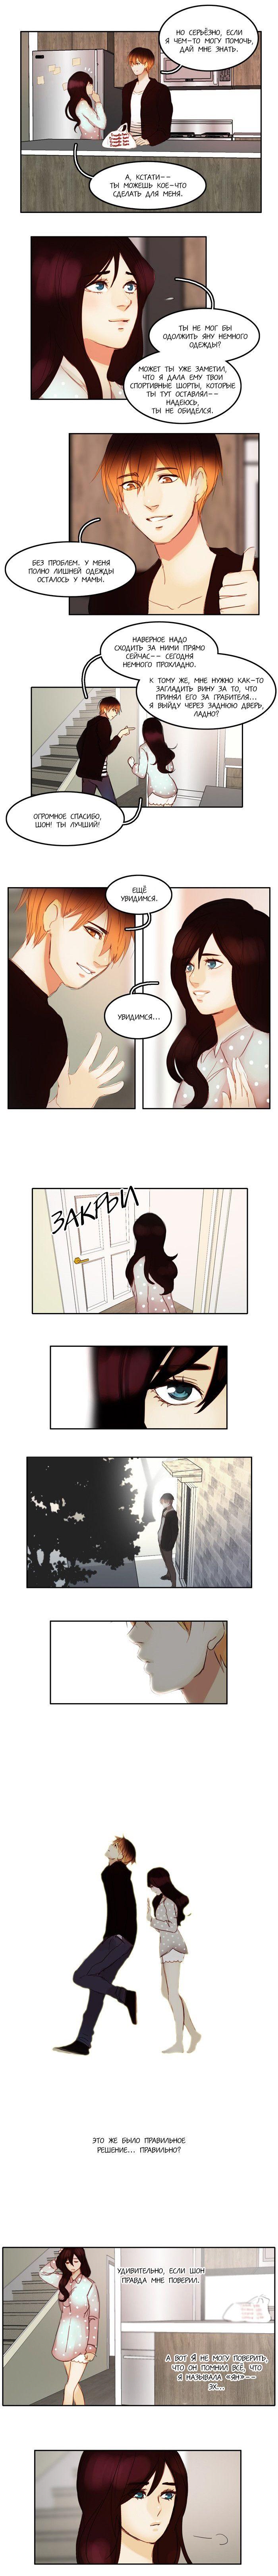 Чтение манги Плач сирены 1 - 7 Человеческое сердце - самые свежие переводы. Read manga online! - ReadManga.me